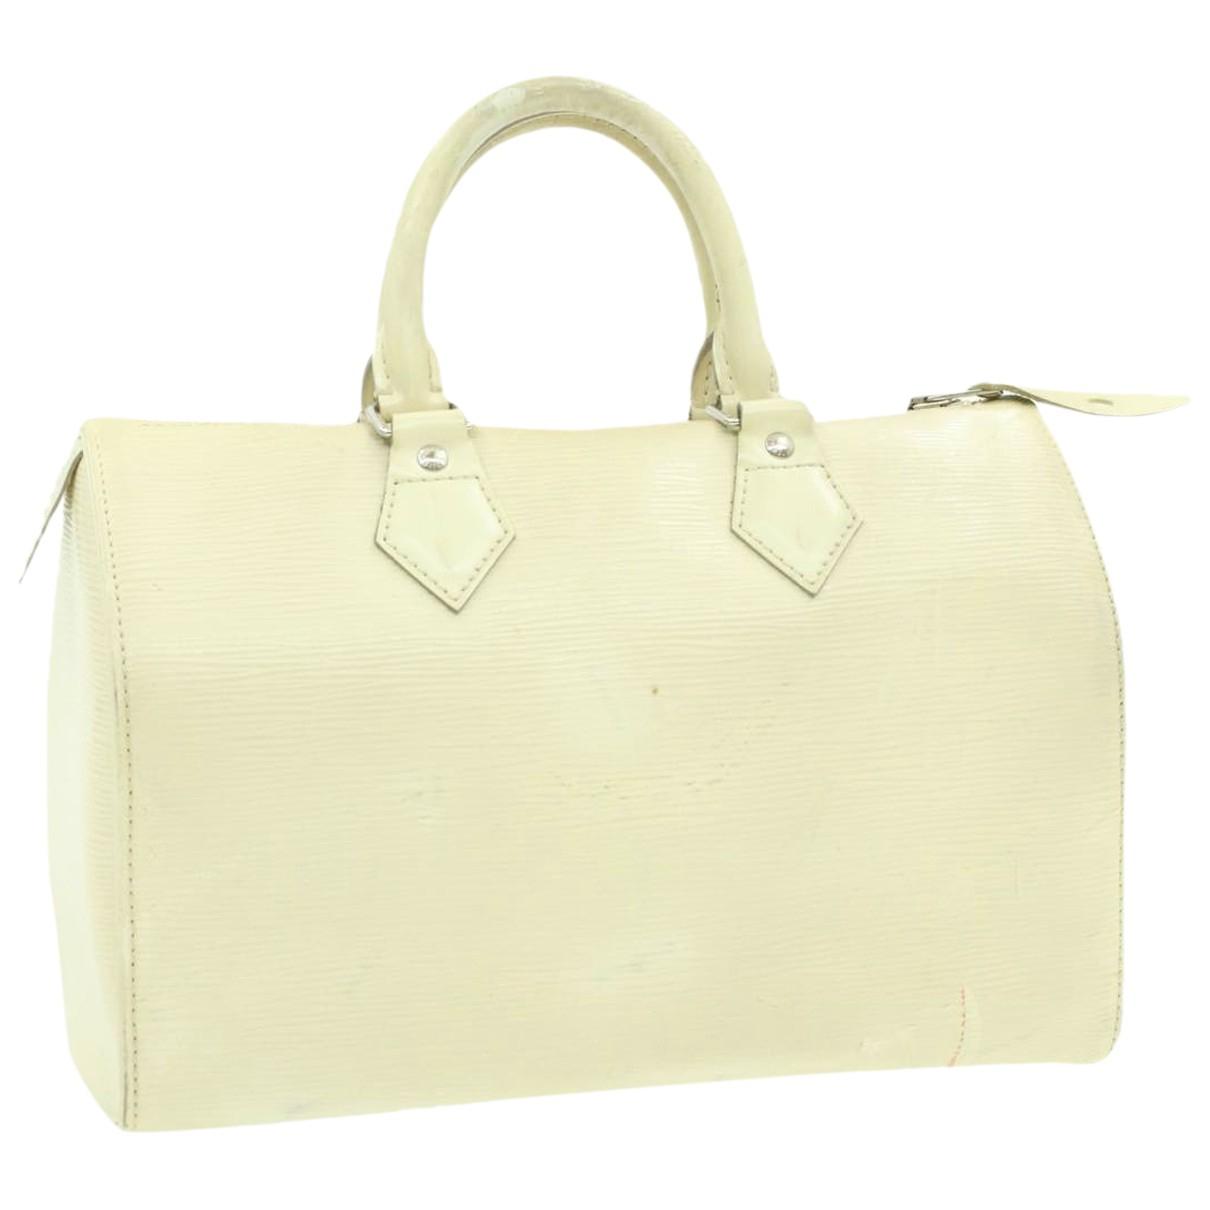 Louis Vuitton - Sac a main Speedy Doctor 25 pour femme en cuir - blanc